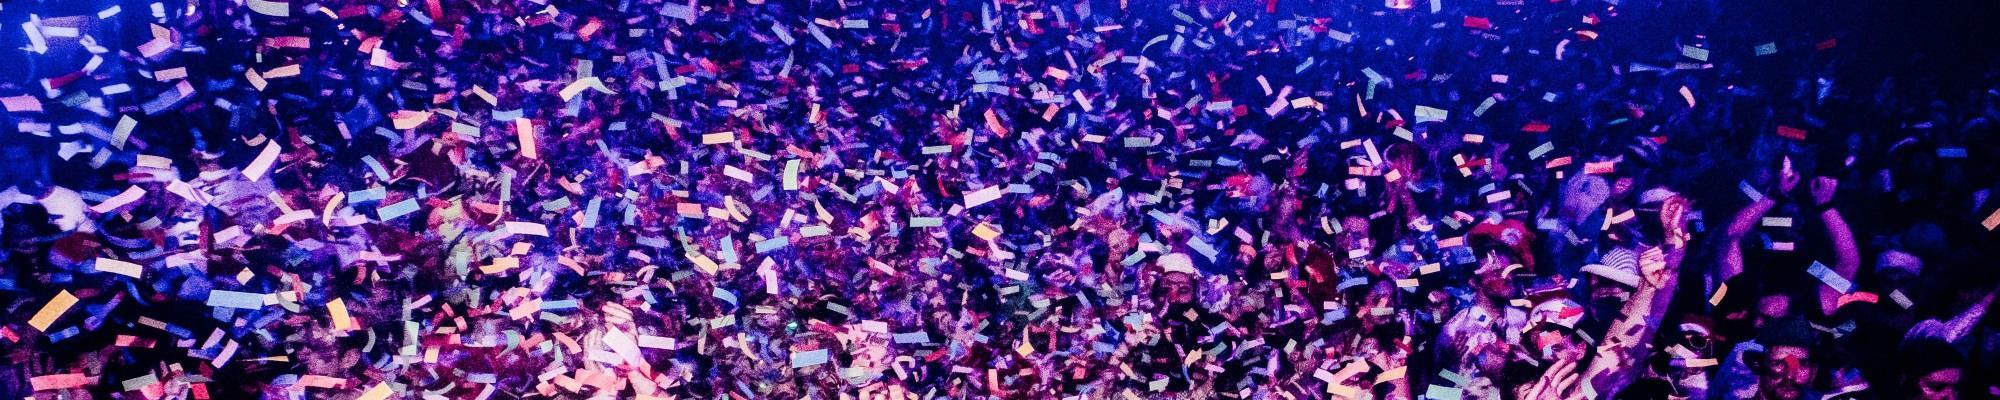 Paspartoe winteractie wintervoordelen omruilvoordelen 2018 winter spaghettislag Brussel Helpt combi-concert brussels philharmonic korei schaatsbaan Brussels Platform Armoede beethoven happy 2019